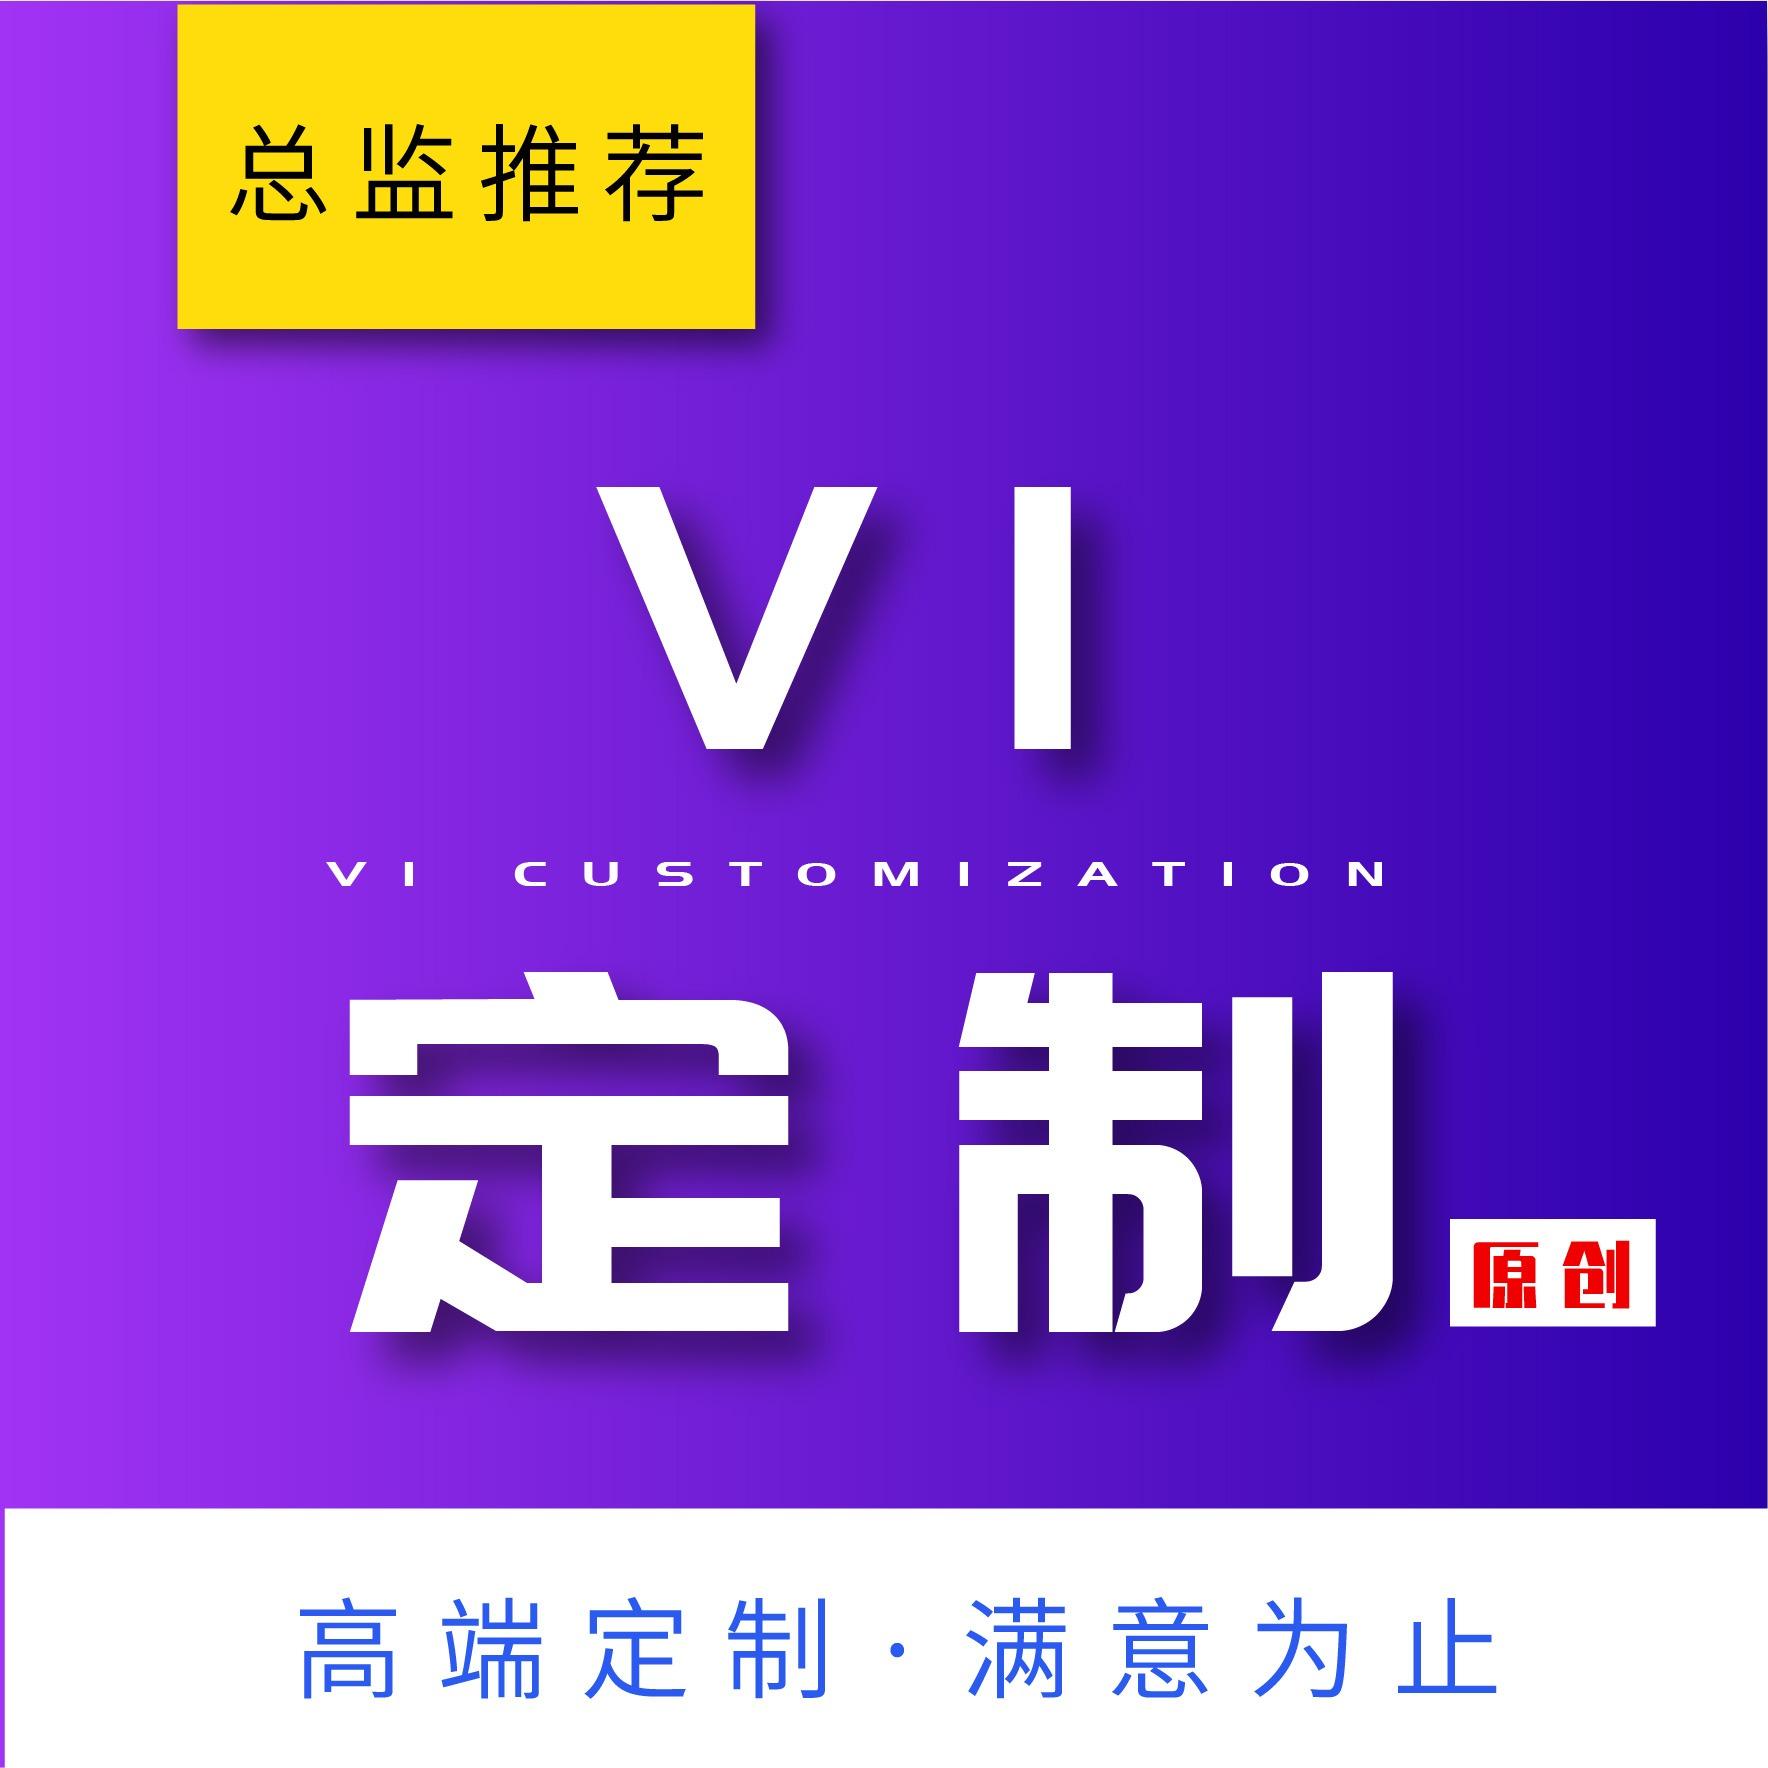 绘客 设计 酒店民宿企业形象 vi设计  VI S视觉识别全套品牌 设计